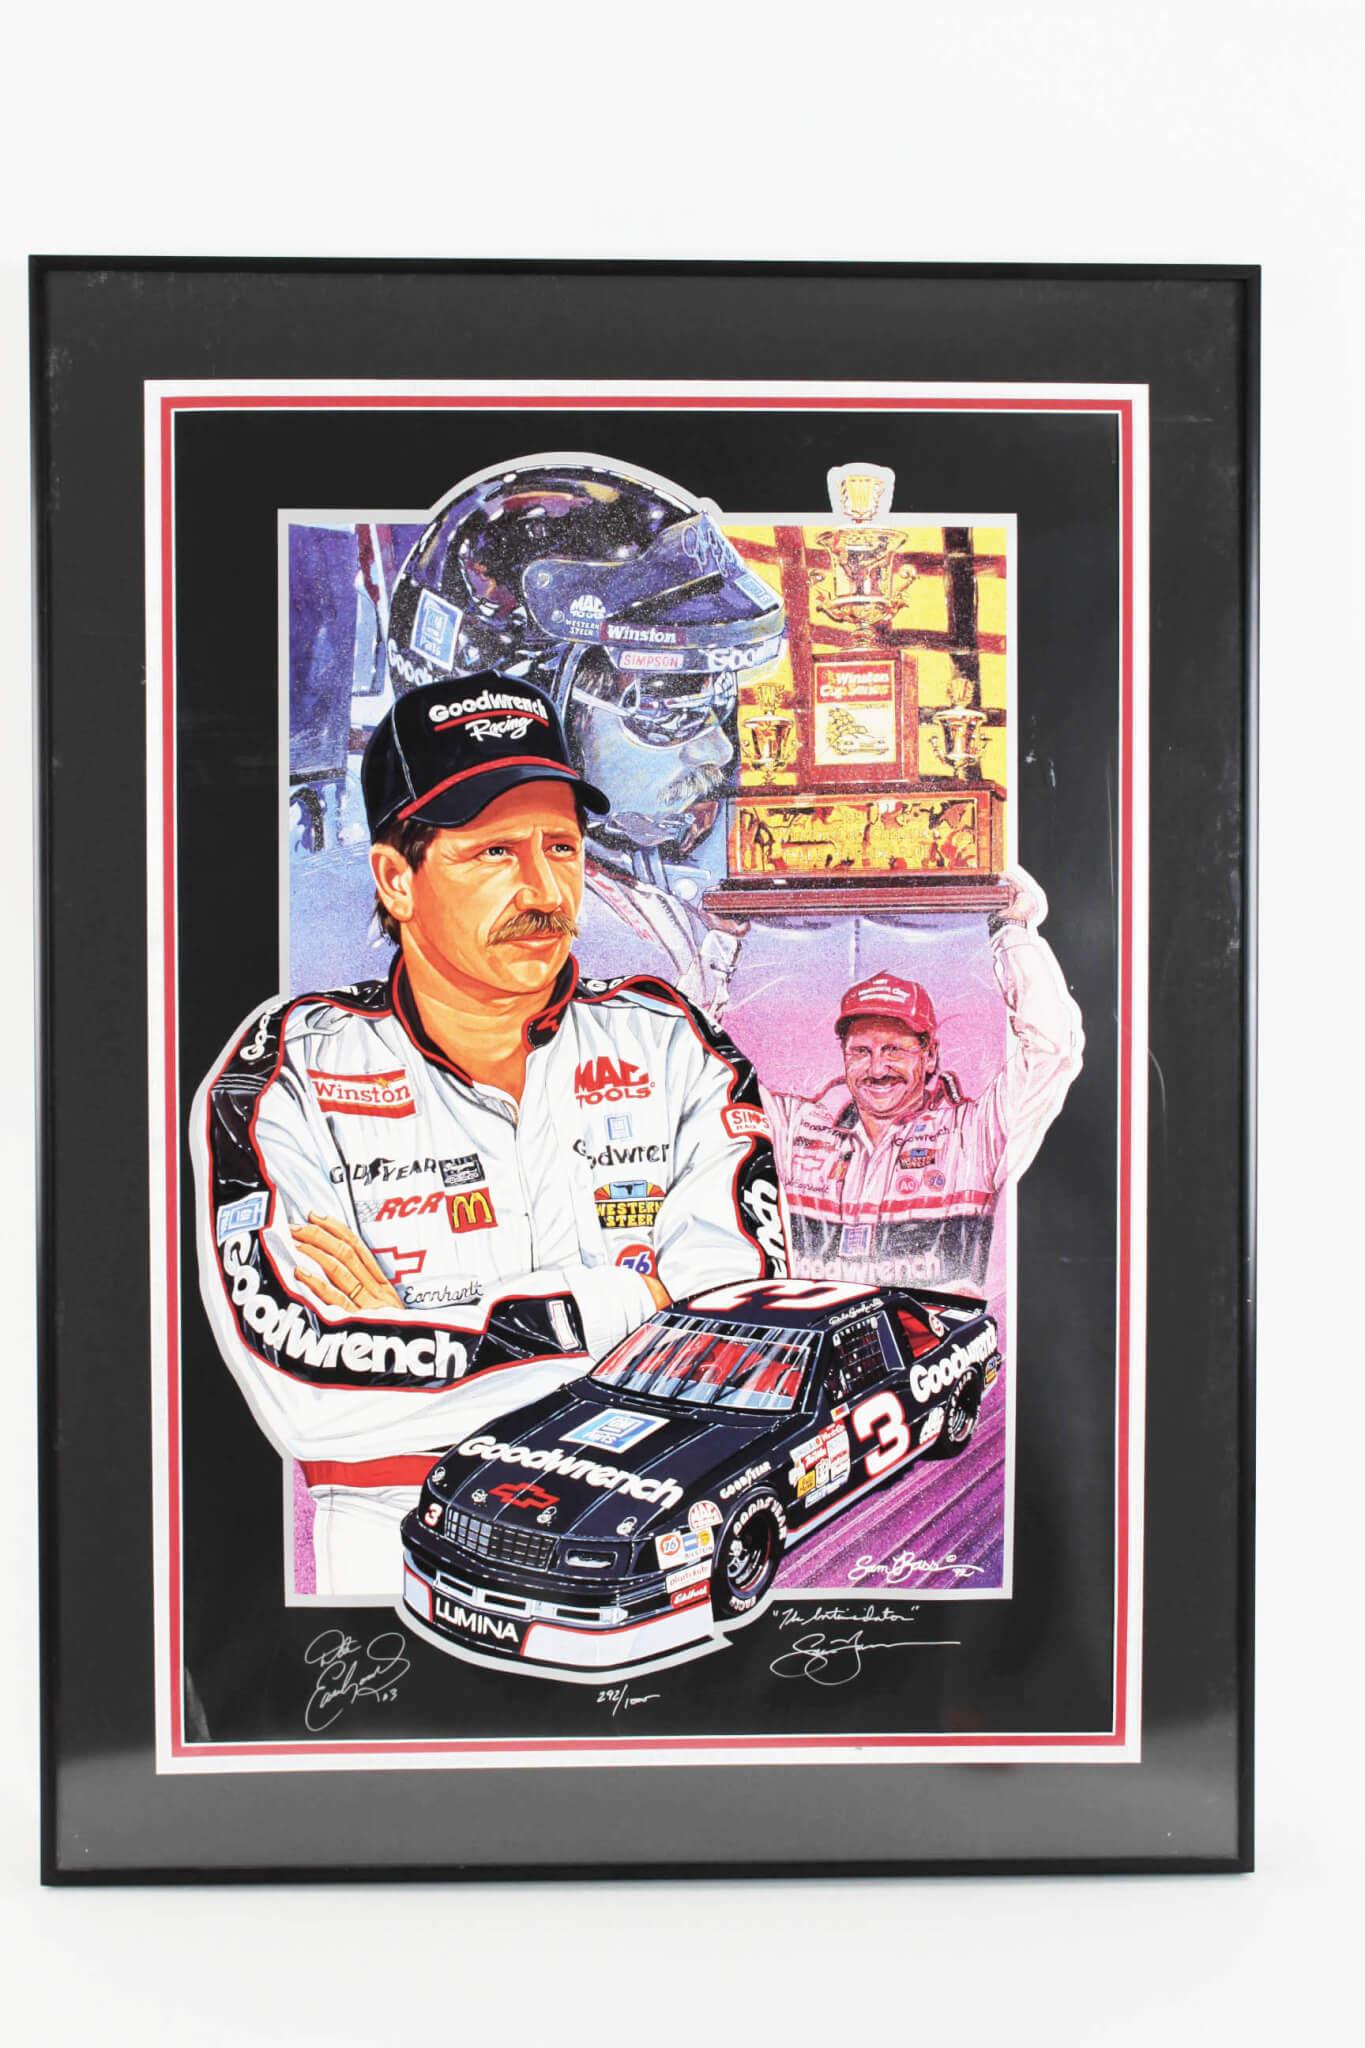 Sports Mem, Cards & Fan Shop Dale Earnhardt #3 Collectible Ncascar Autographed Licence Plate Tag